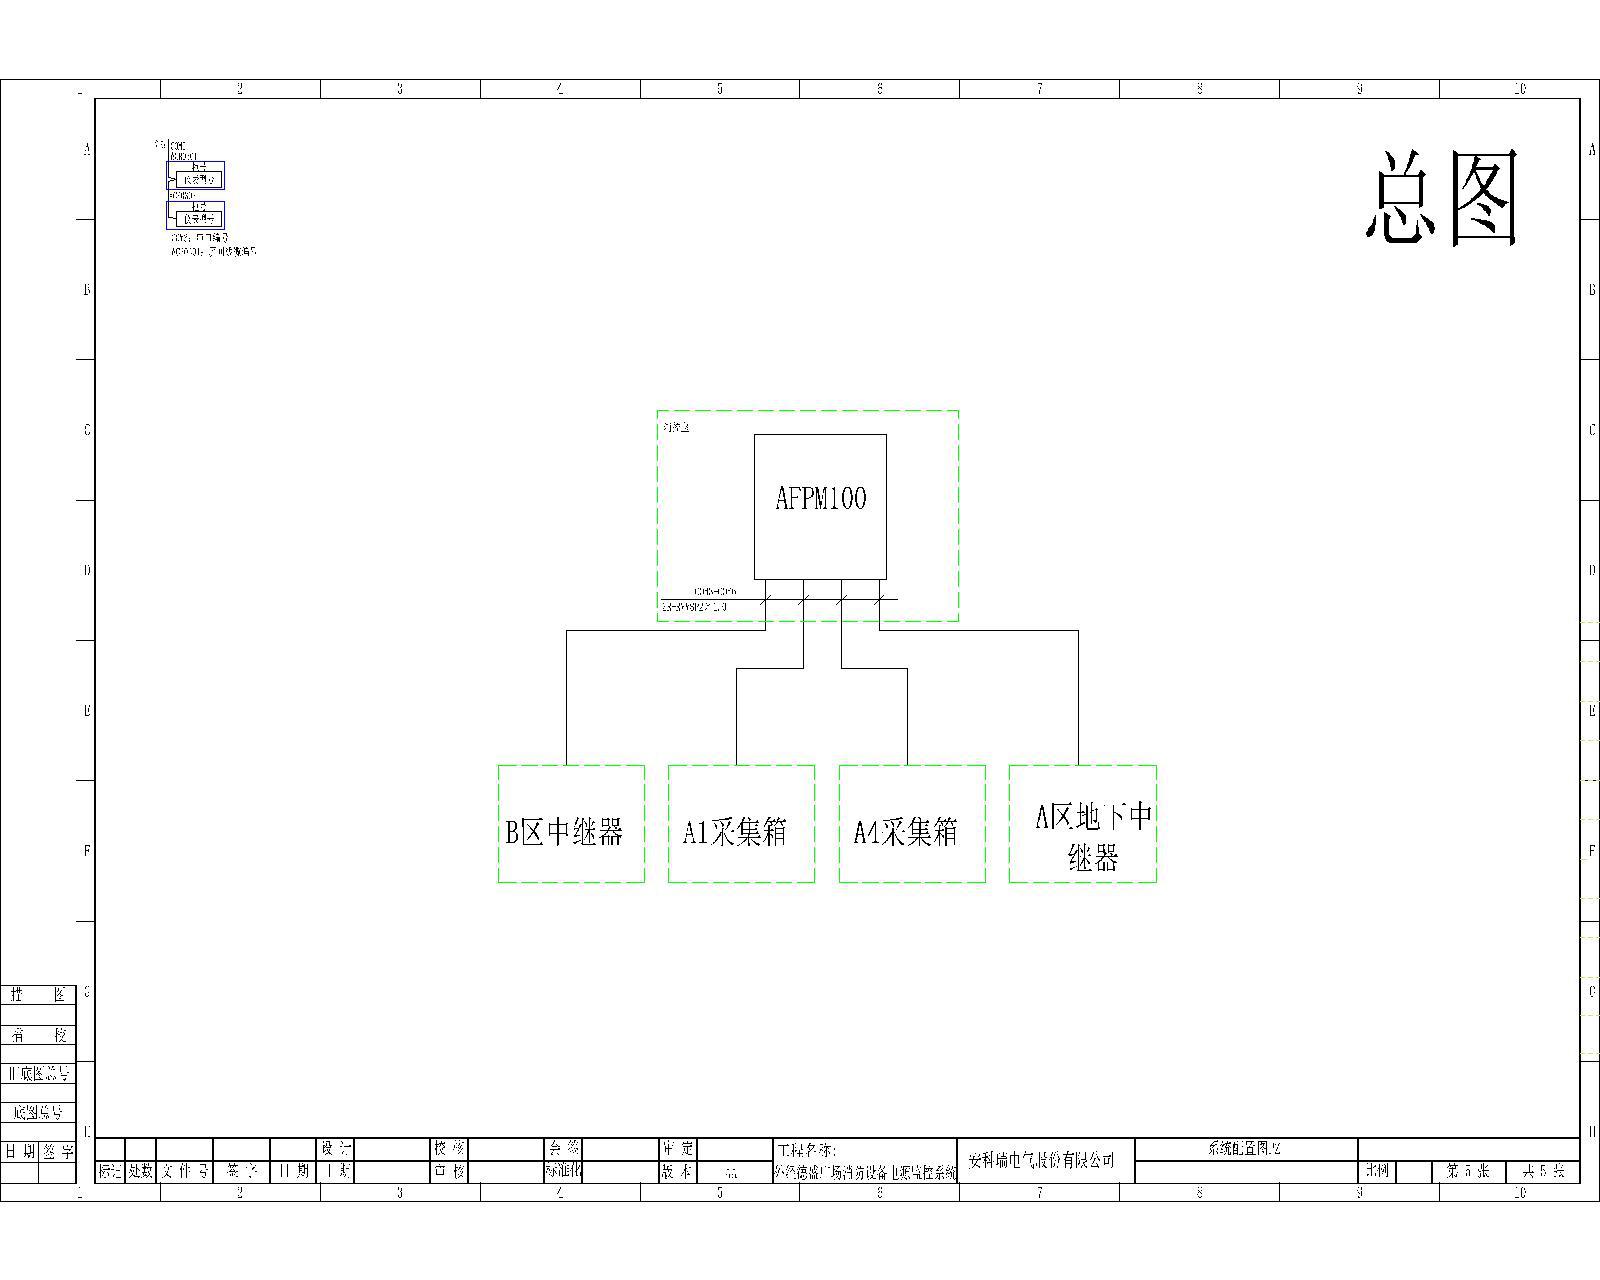 张玲玲 安科瑞电气股份有限公司 上海嘉定 摘要:本文简述了消防设备电源监控系统的组成原理,分析了消防设备电源监控系统在应用中的设计依据和相关规范。通过安科瑞消防设备电源监控系统在安徽外经德盛广场项目的实例介绍,阐述了消防设备电源监控系统功能的实现及其重要意义。 关键词:消防设备电源;监控系统;AFPM100/B;AFPM3;消防电源监控系统; 0 项目概述 德盛广场是安徽省外经建设(集团)有限公司斥资20多亿元在芜湖打造的第二个特色商业项目。项目地处大学城地段,周边环绕7所大学和